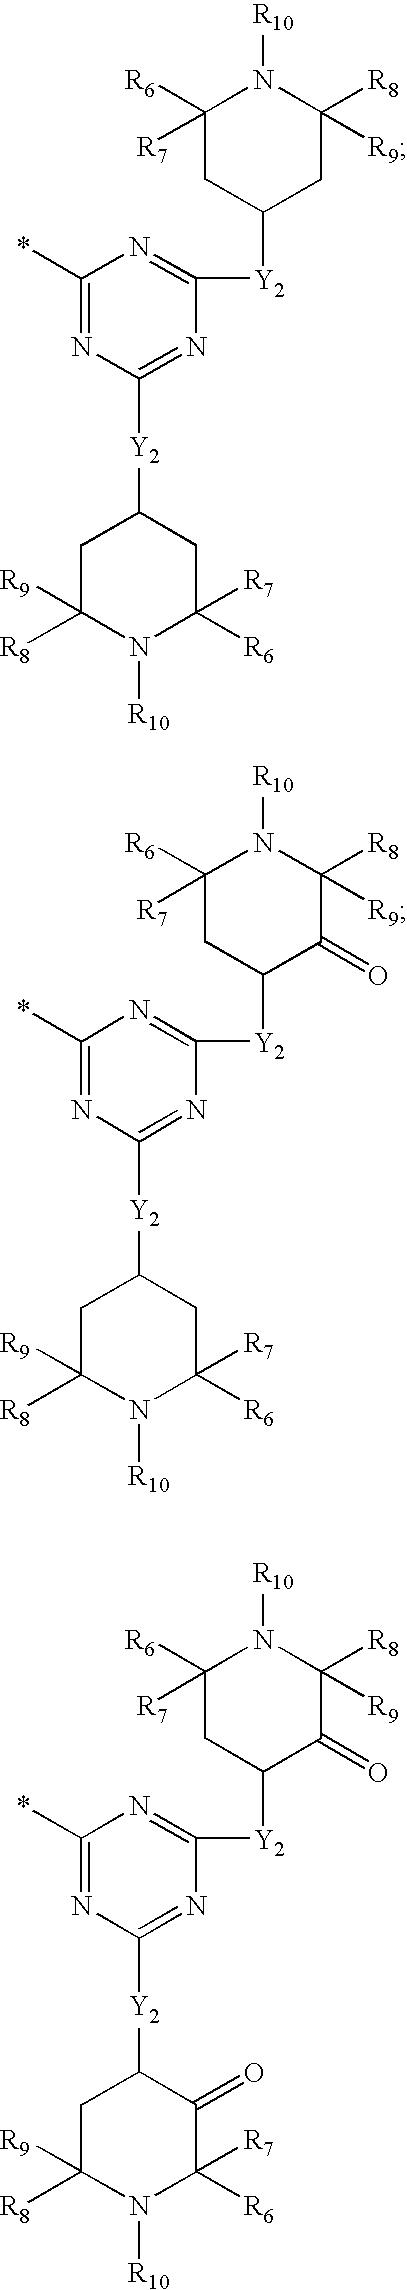 Figure US20040143041A1-20040722-C00023